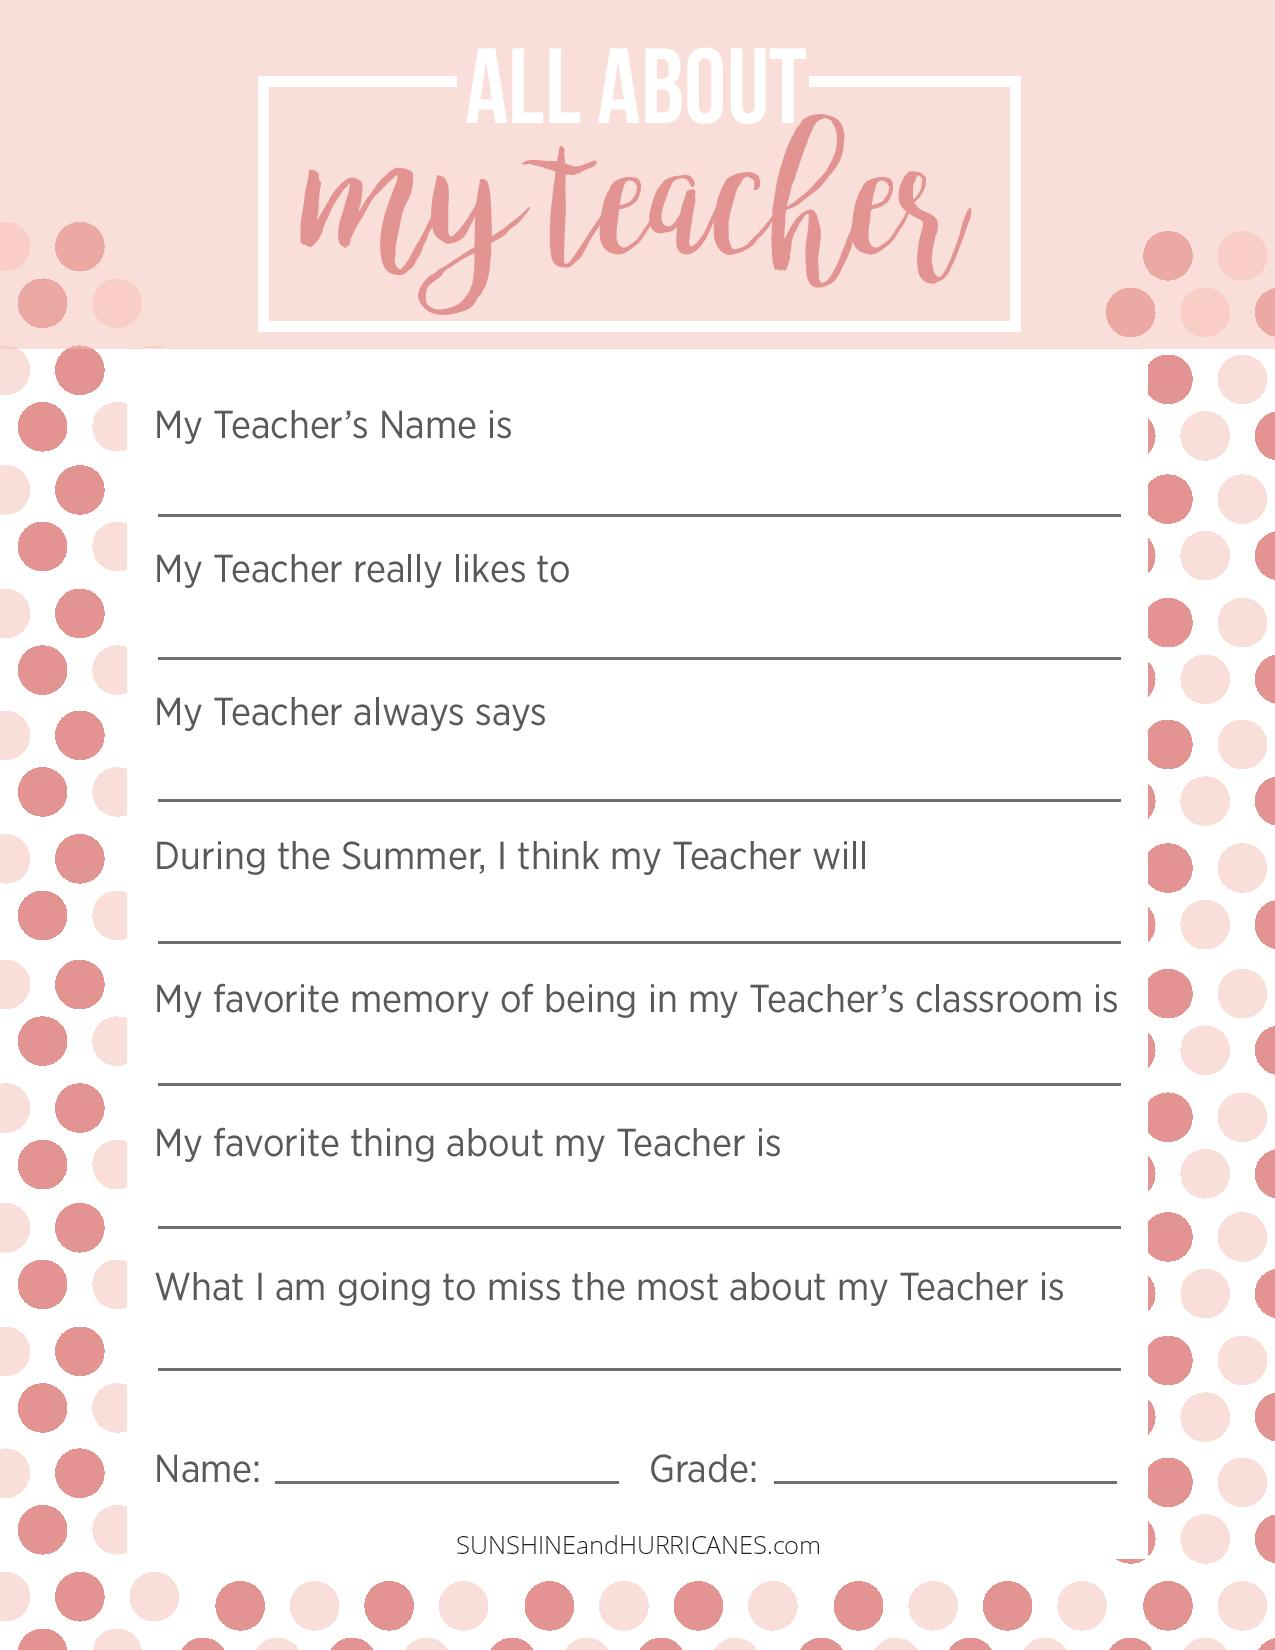 Teacher Appreciation Week Questionnaire